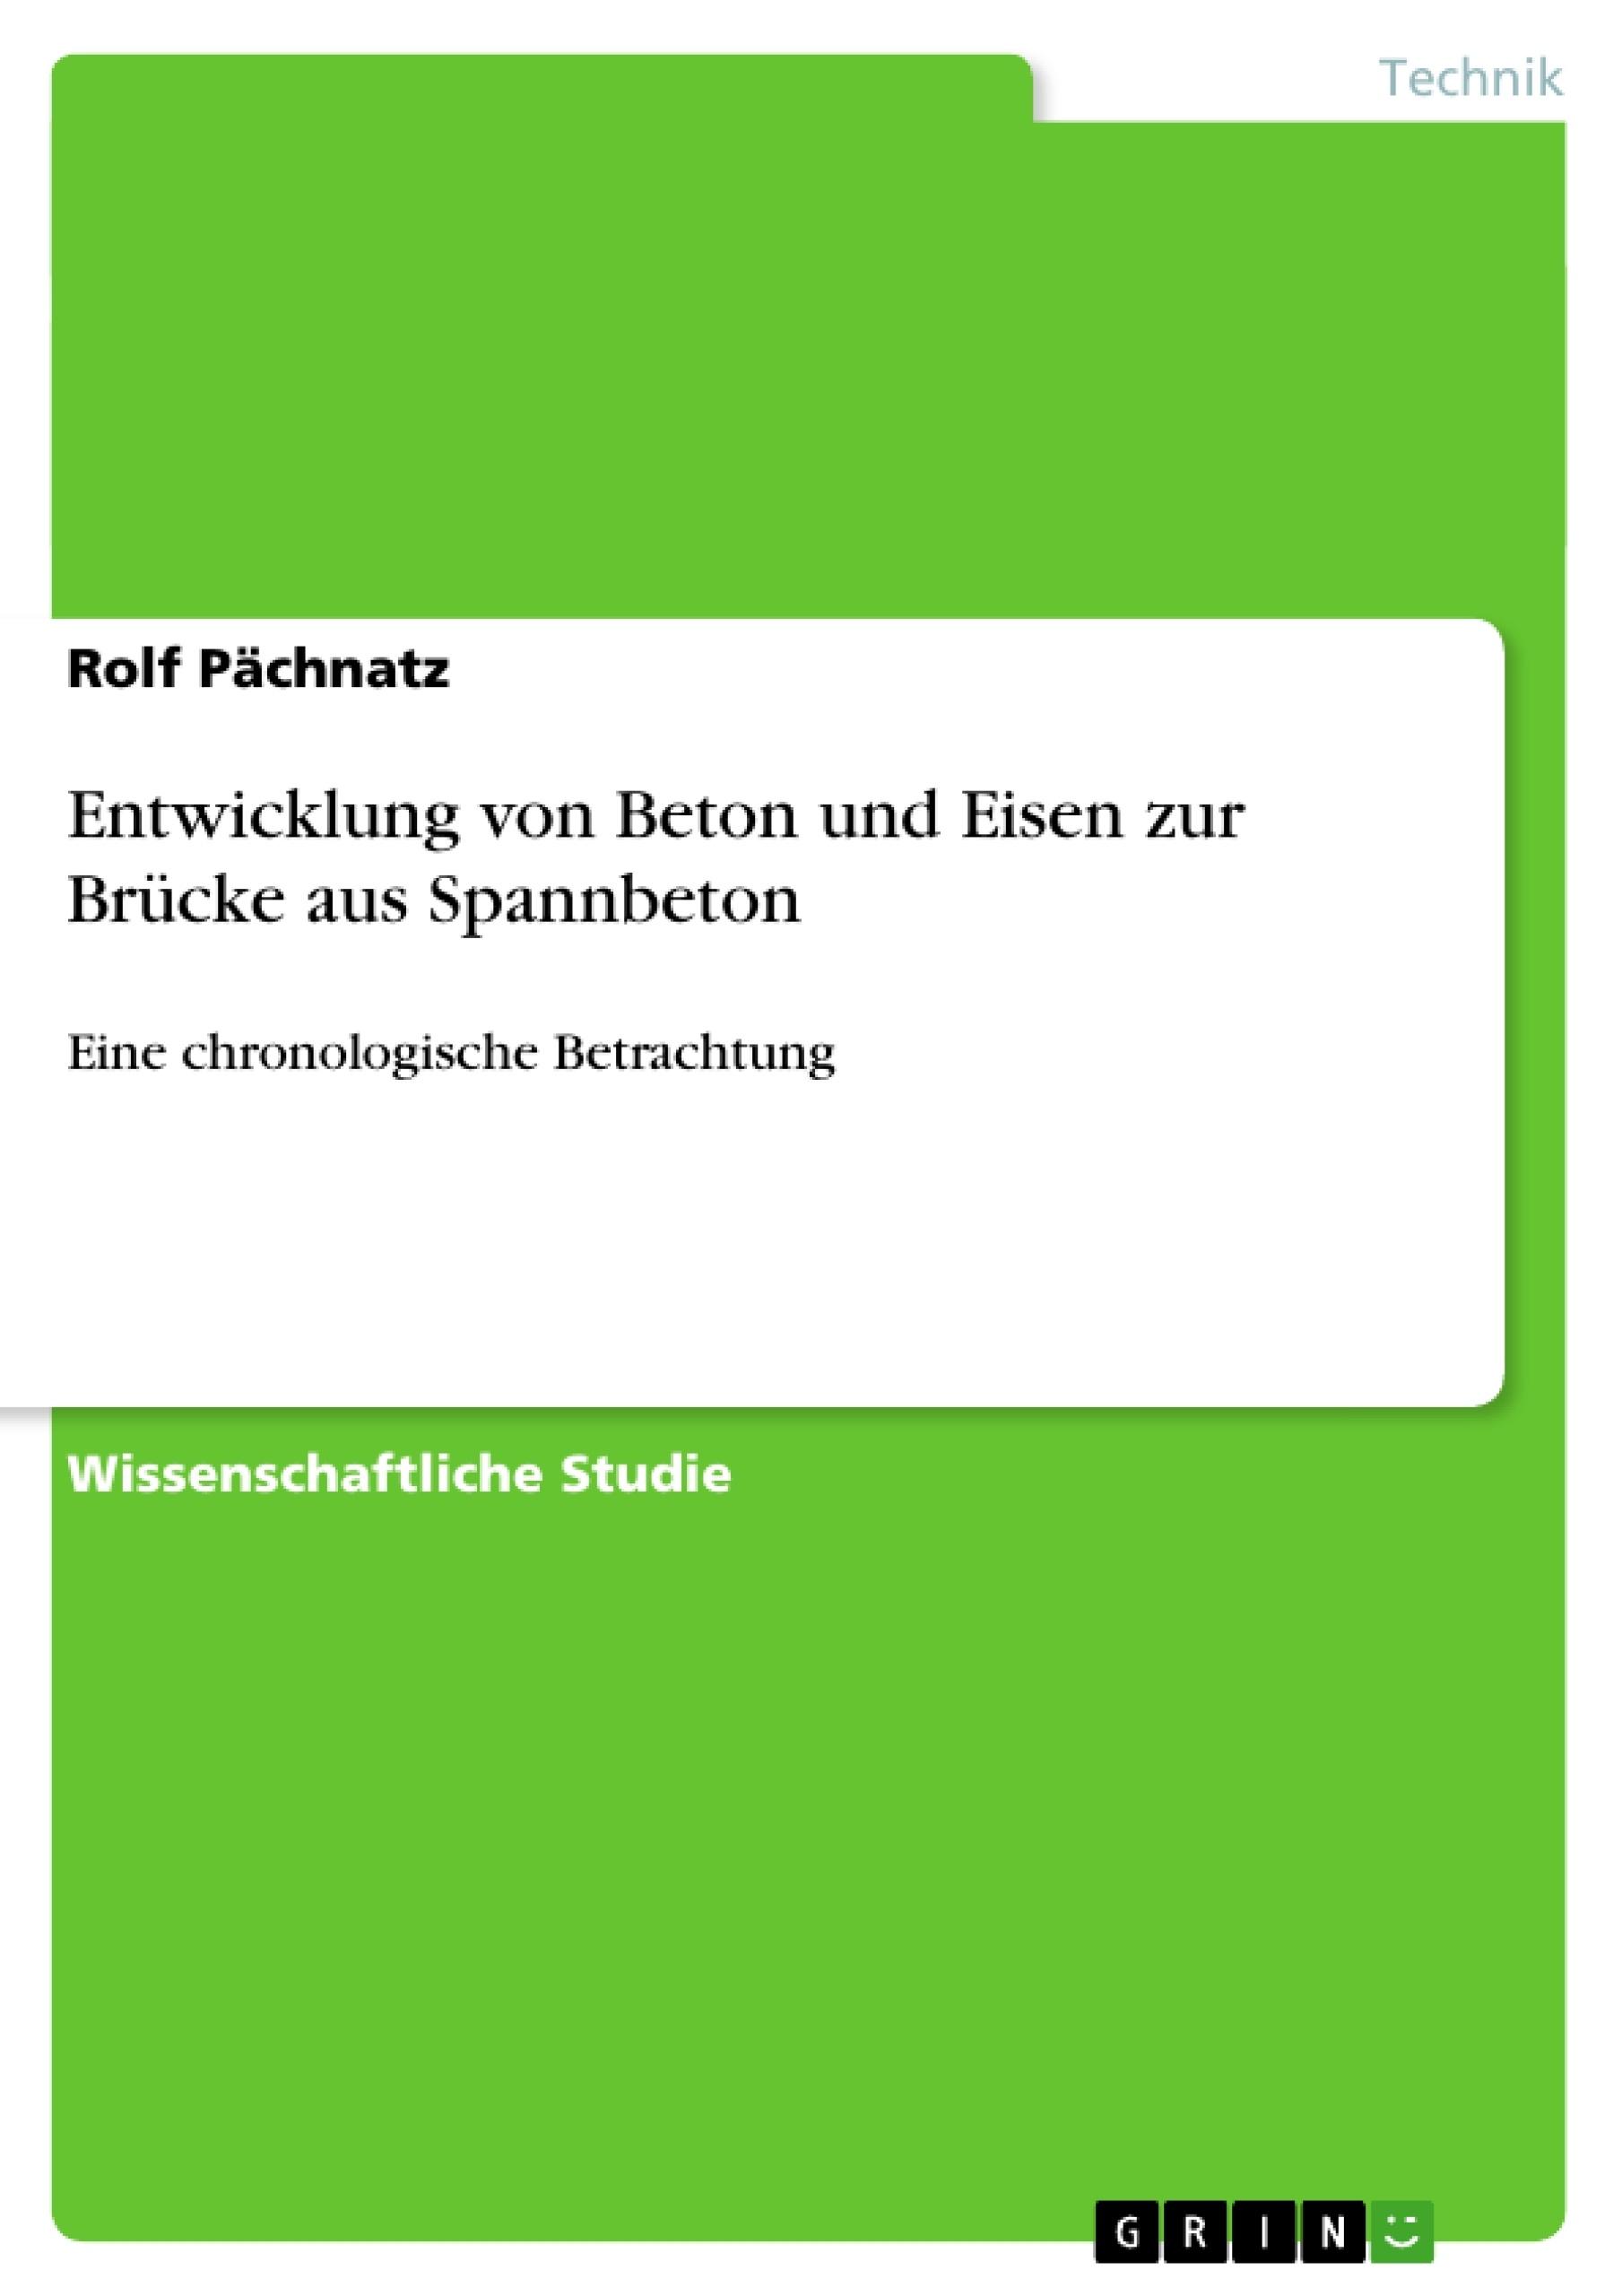 Titel: Entwicklung von Beton und Eisen zur Brücke aus Spannbeton